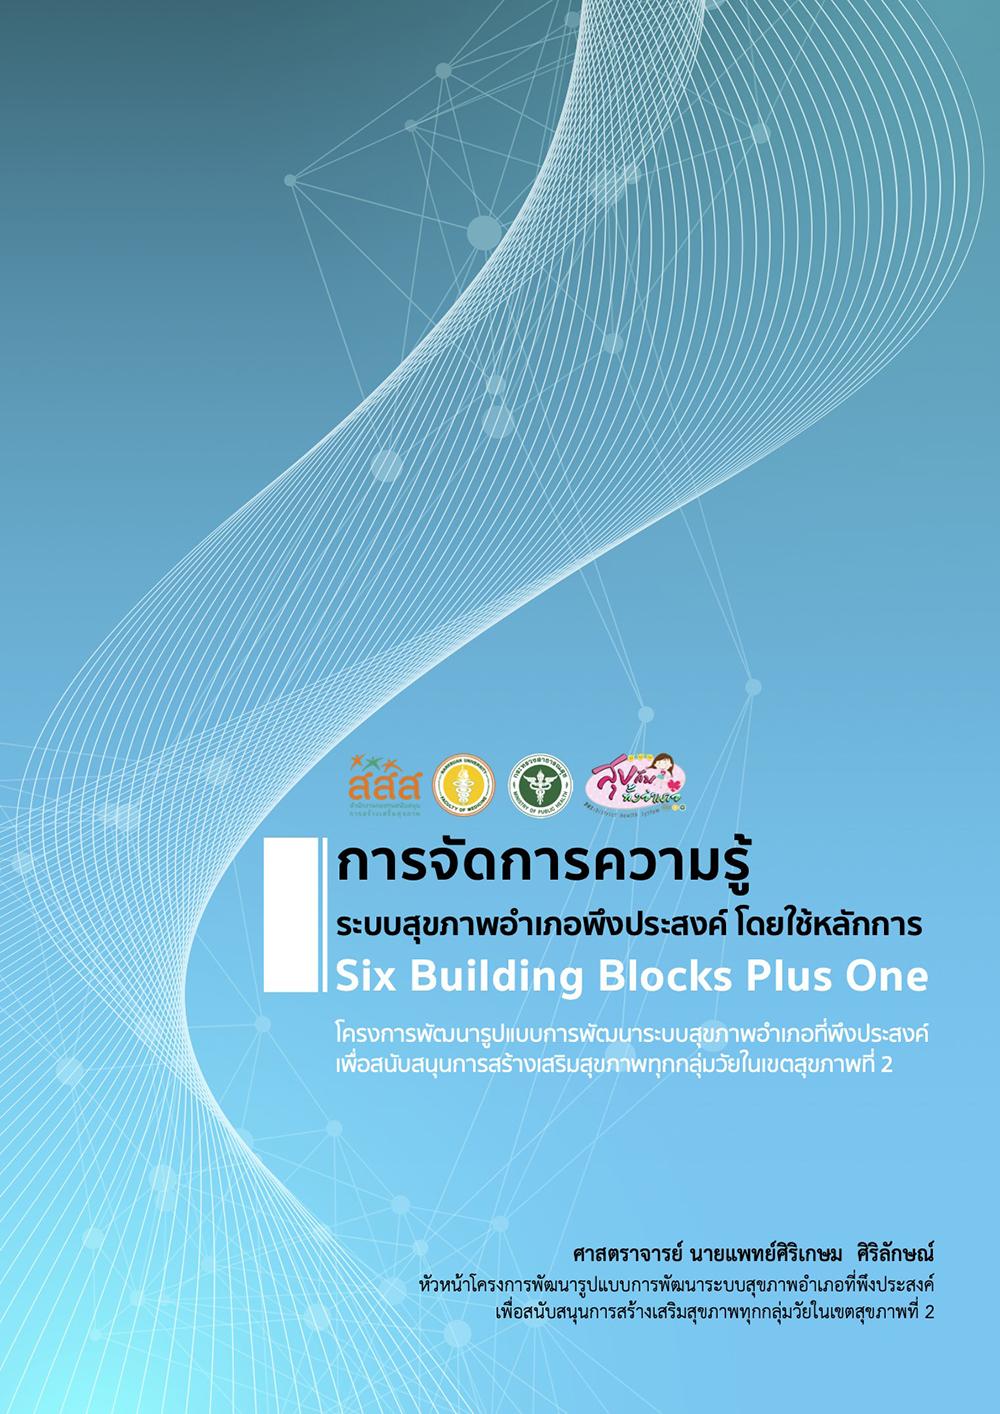 การจัดการความรู้ระบบสุขภาพอำเภอพึงประสงค์โดยใช้หลักการ Six Building Blocks Plus One